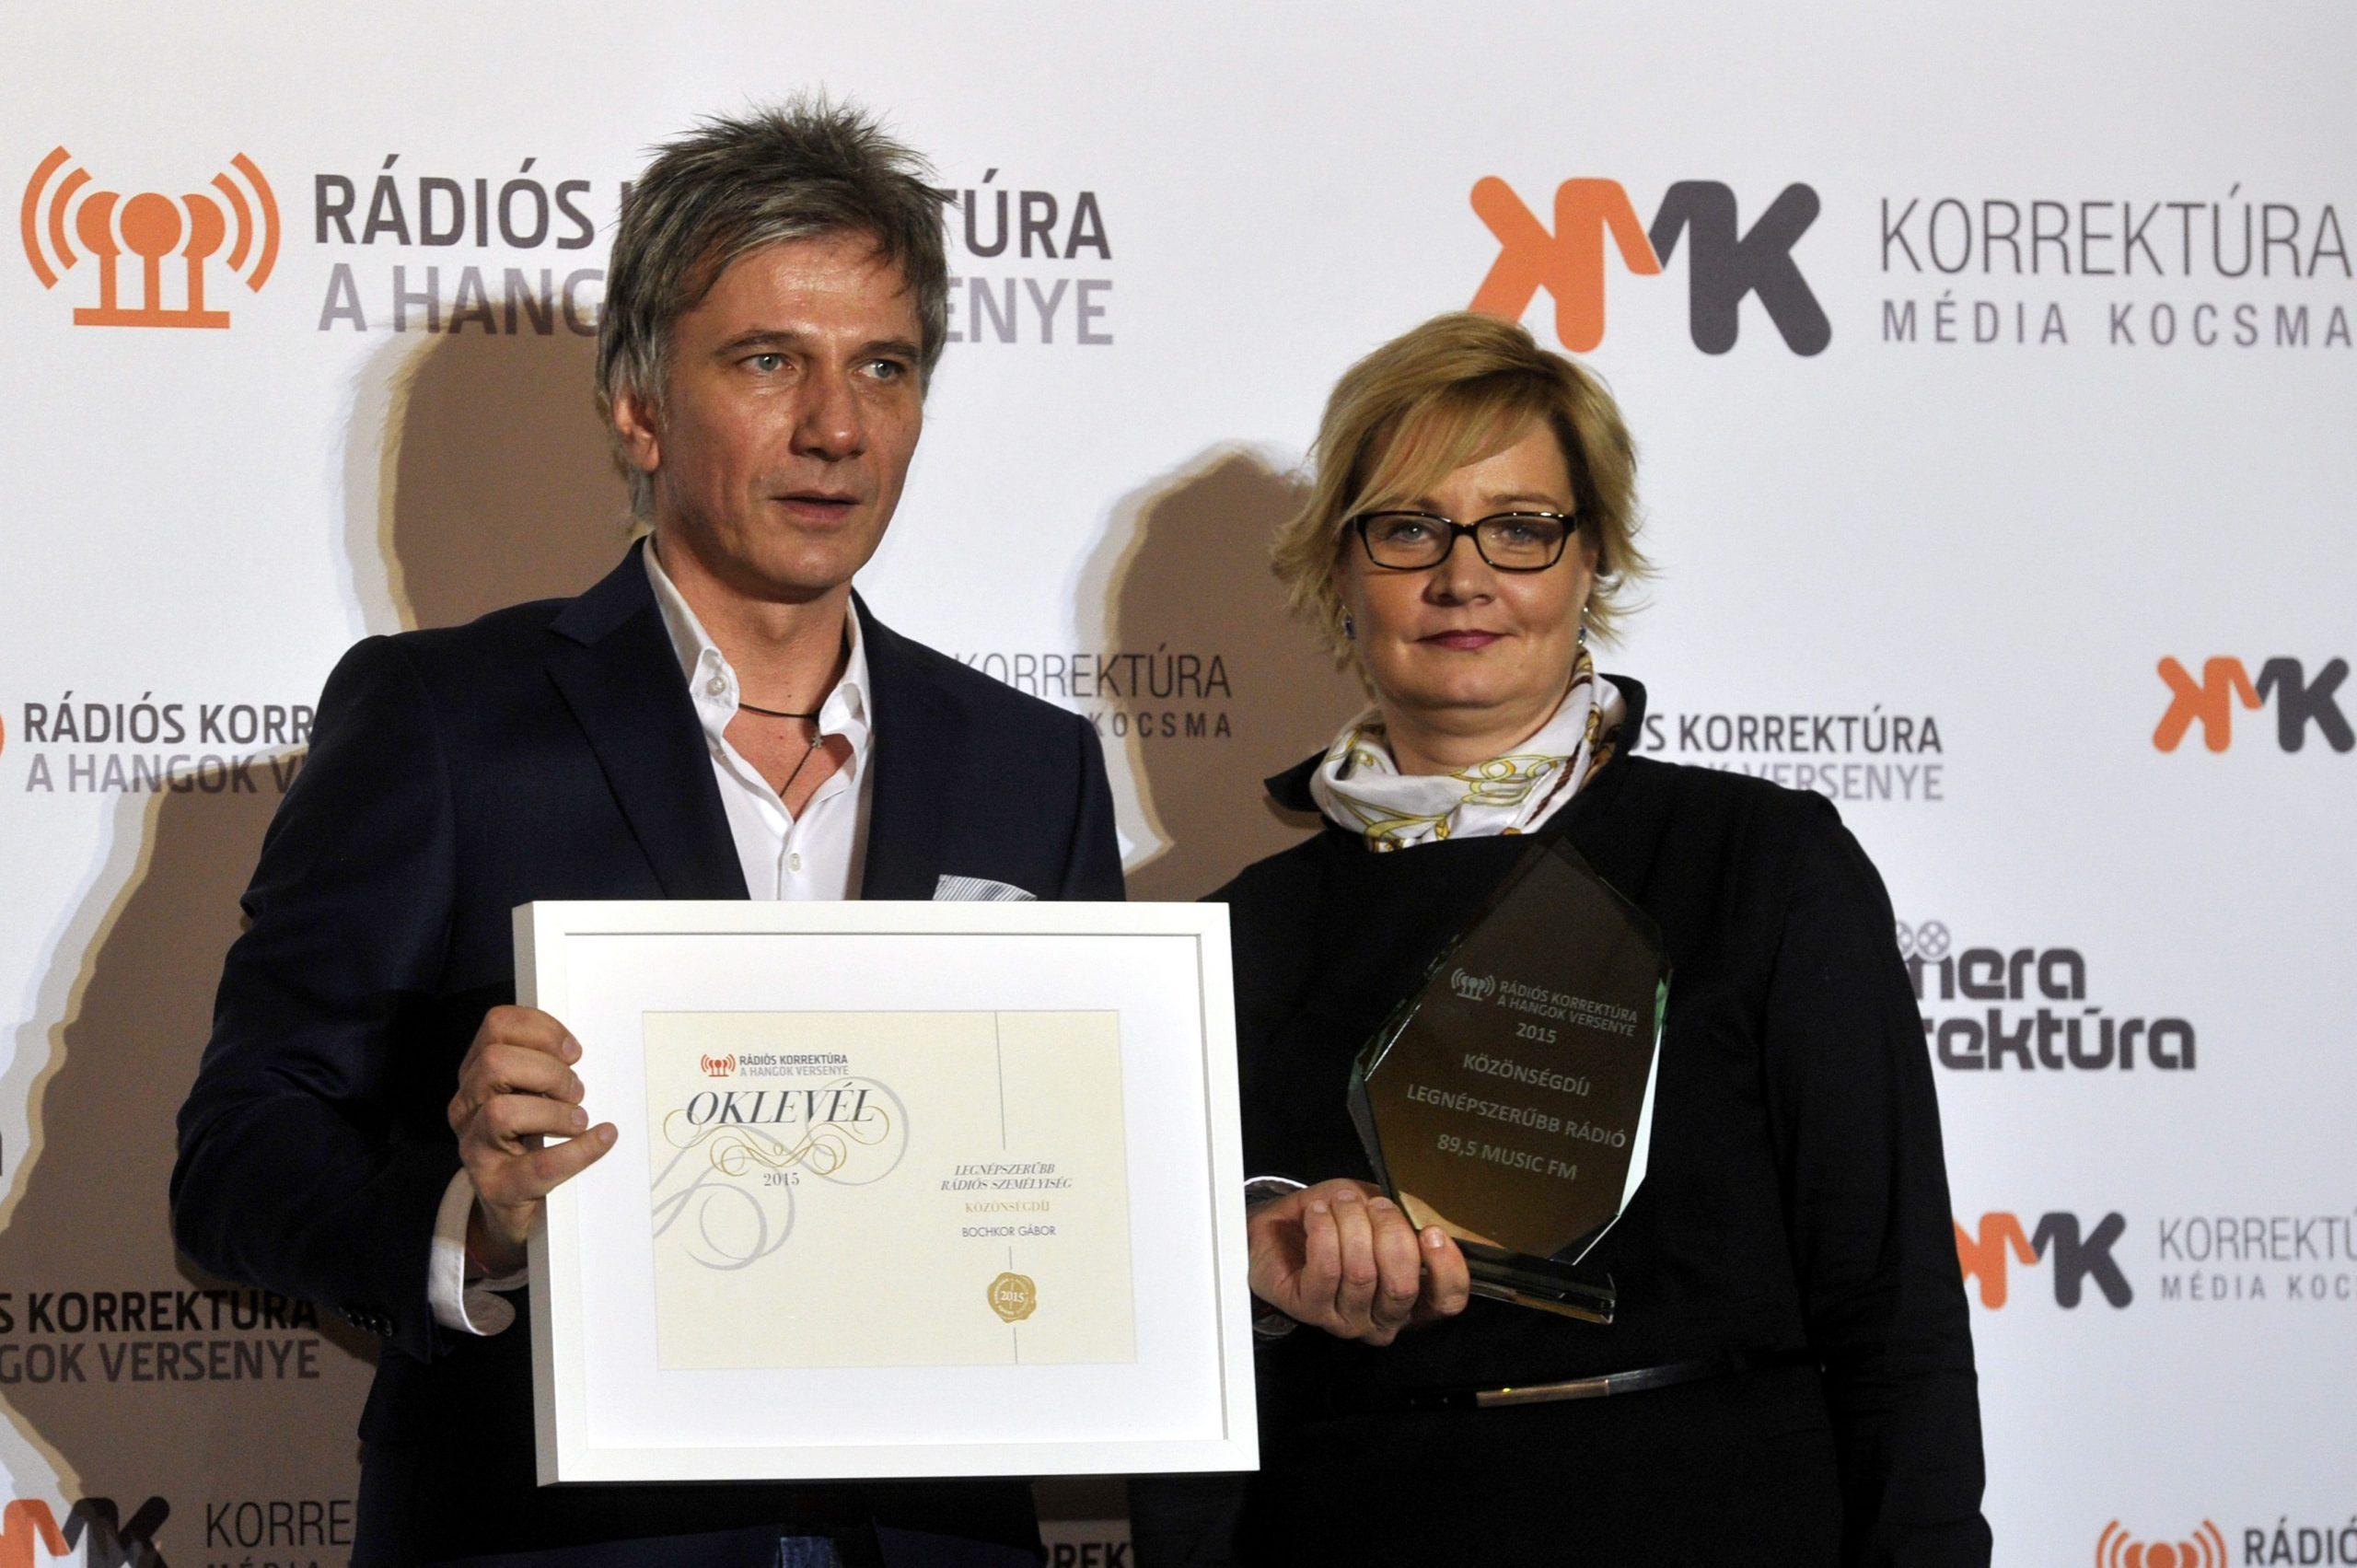 Bochkor Gábor, a Rádiós Korrektúra verseny közönségdíjasa, a legnépszerûbb rádiós személyiség kategória gyõztese és Hódos Edina, a Korrektúra verseny projektigazgatója /Fotó: MTI